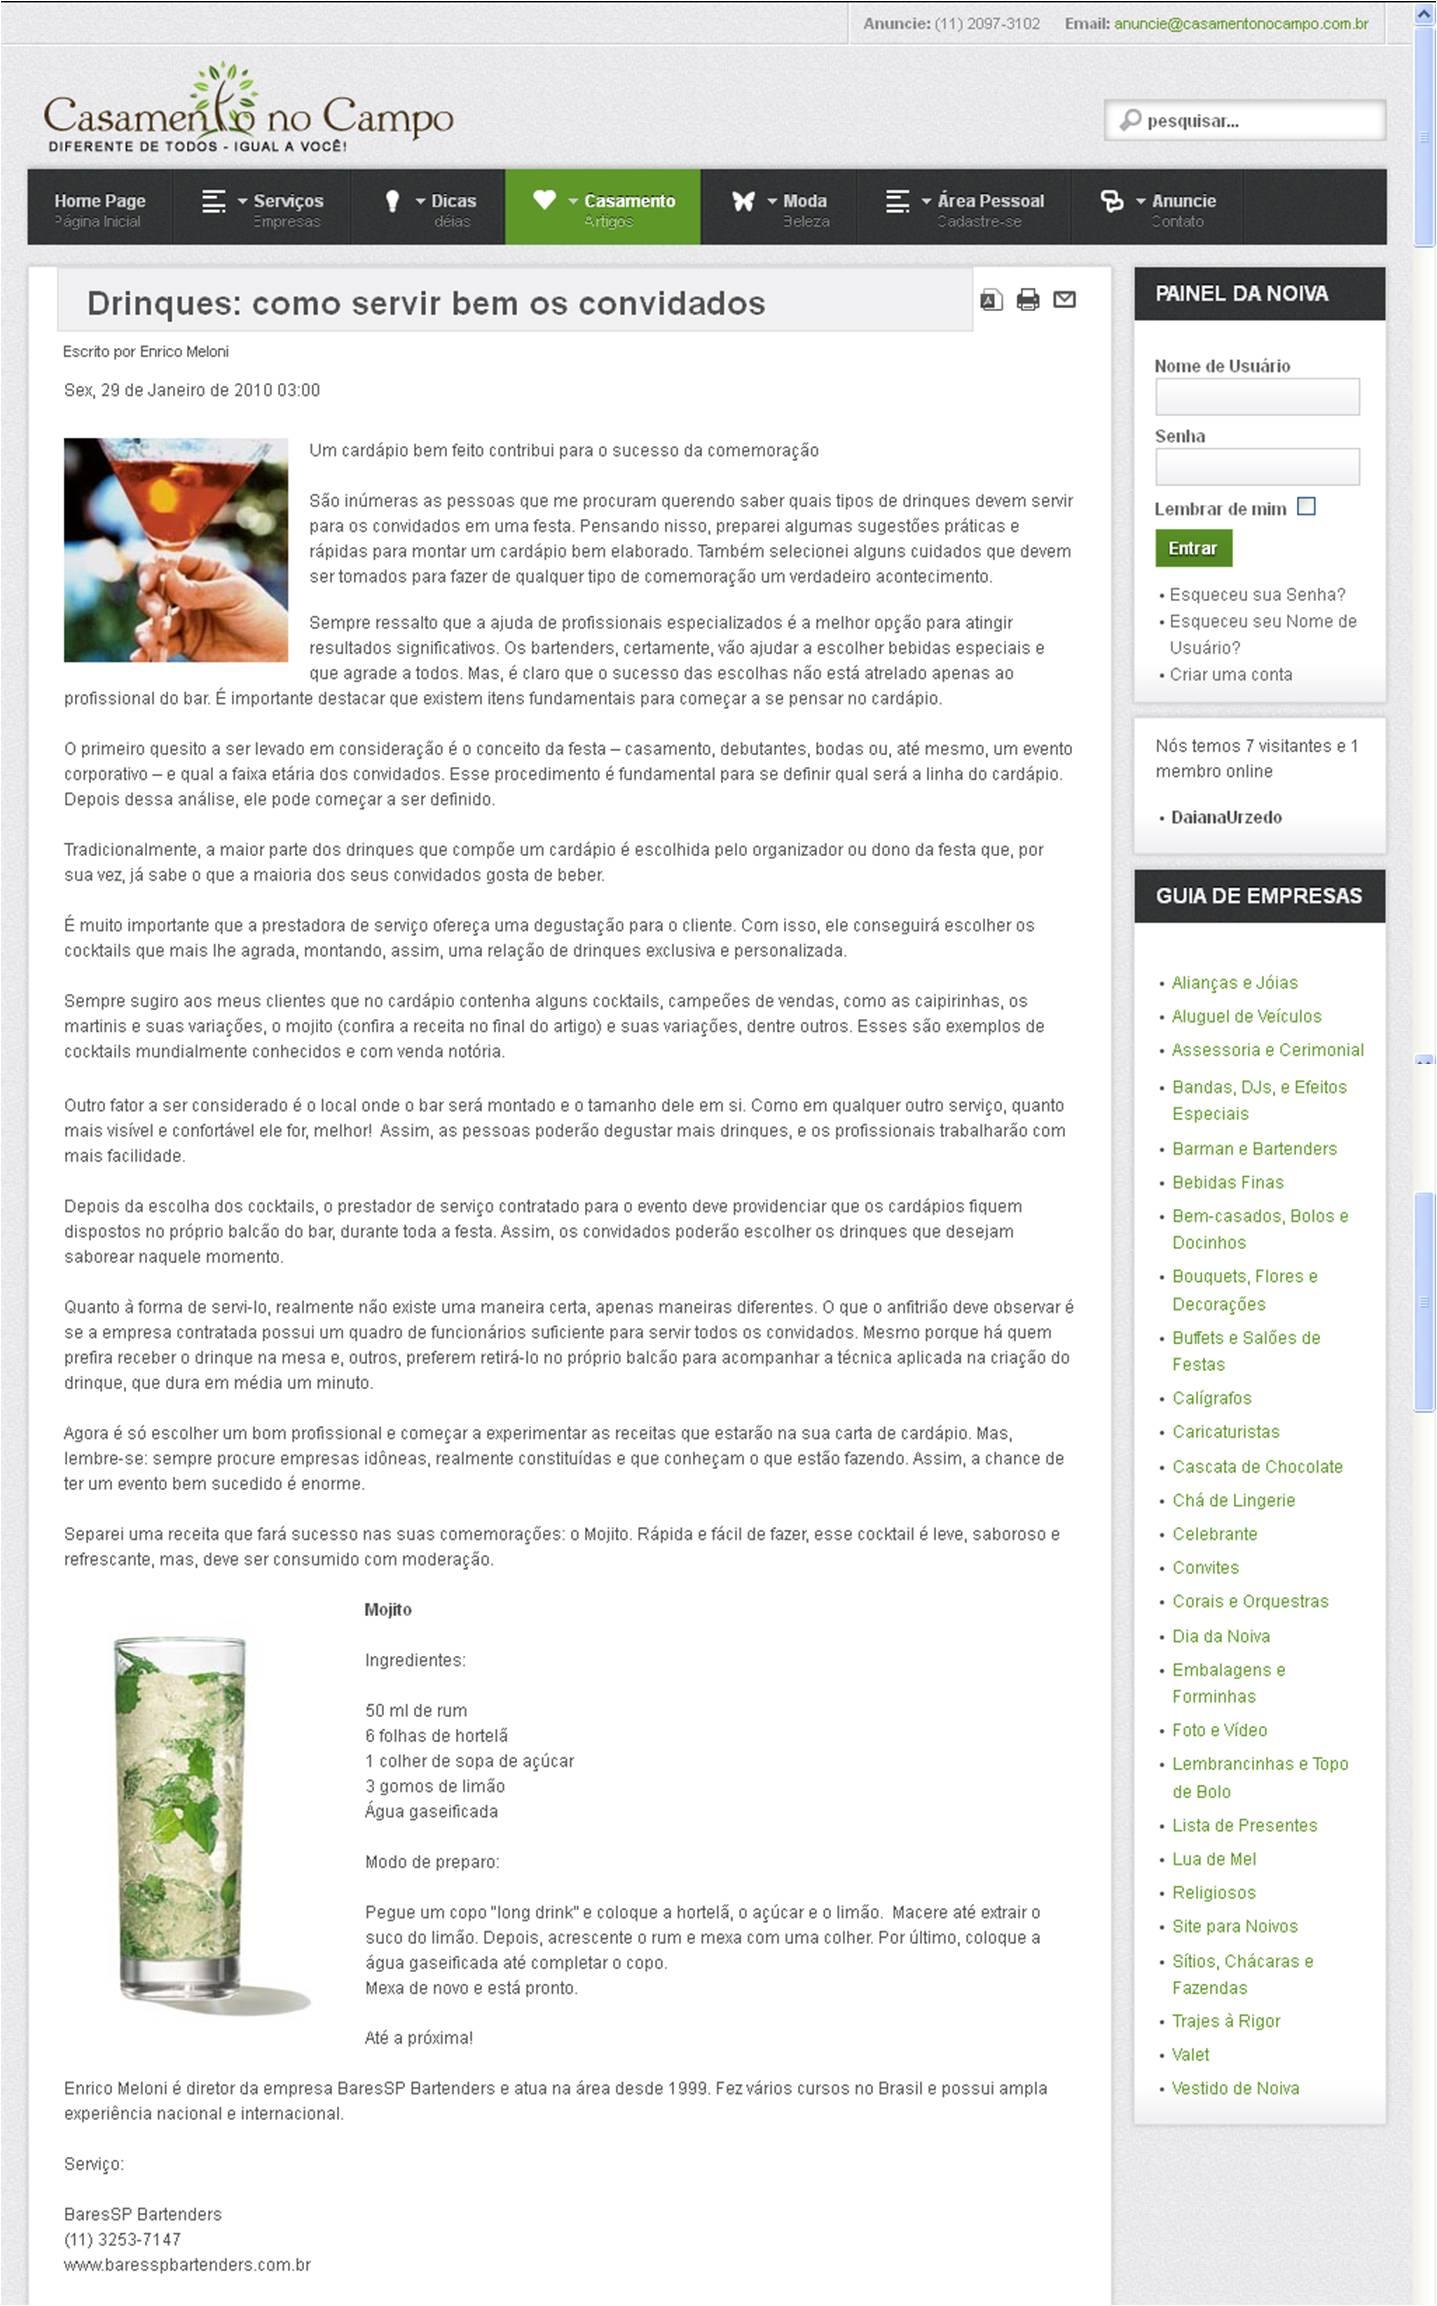 Matéria no Portal Guia de Casamento no Campo BaresSP image